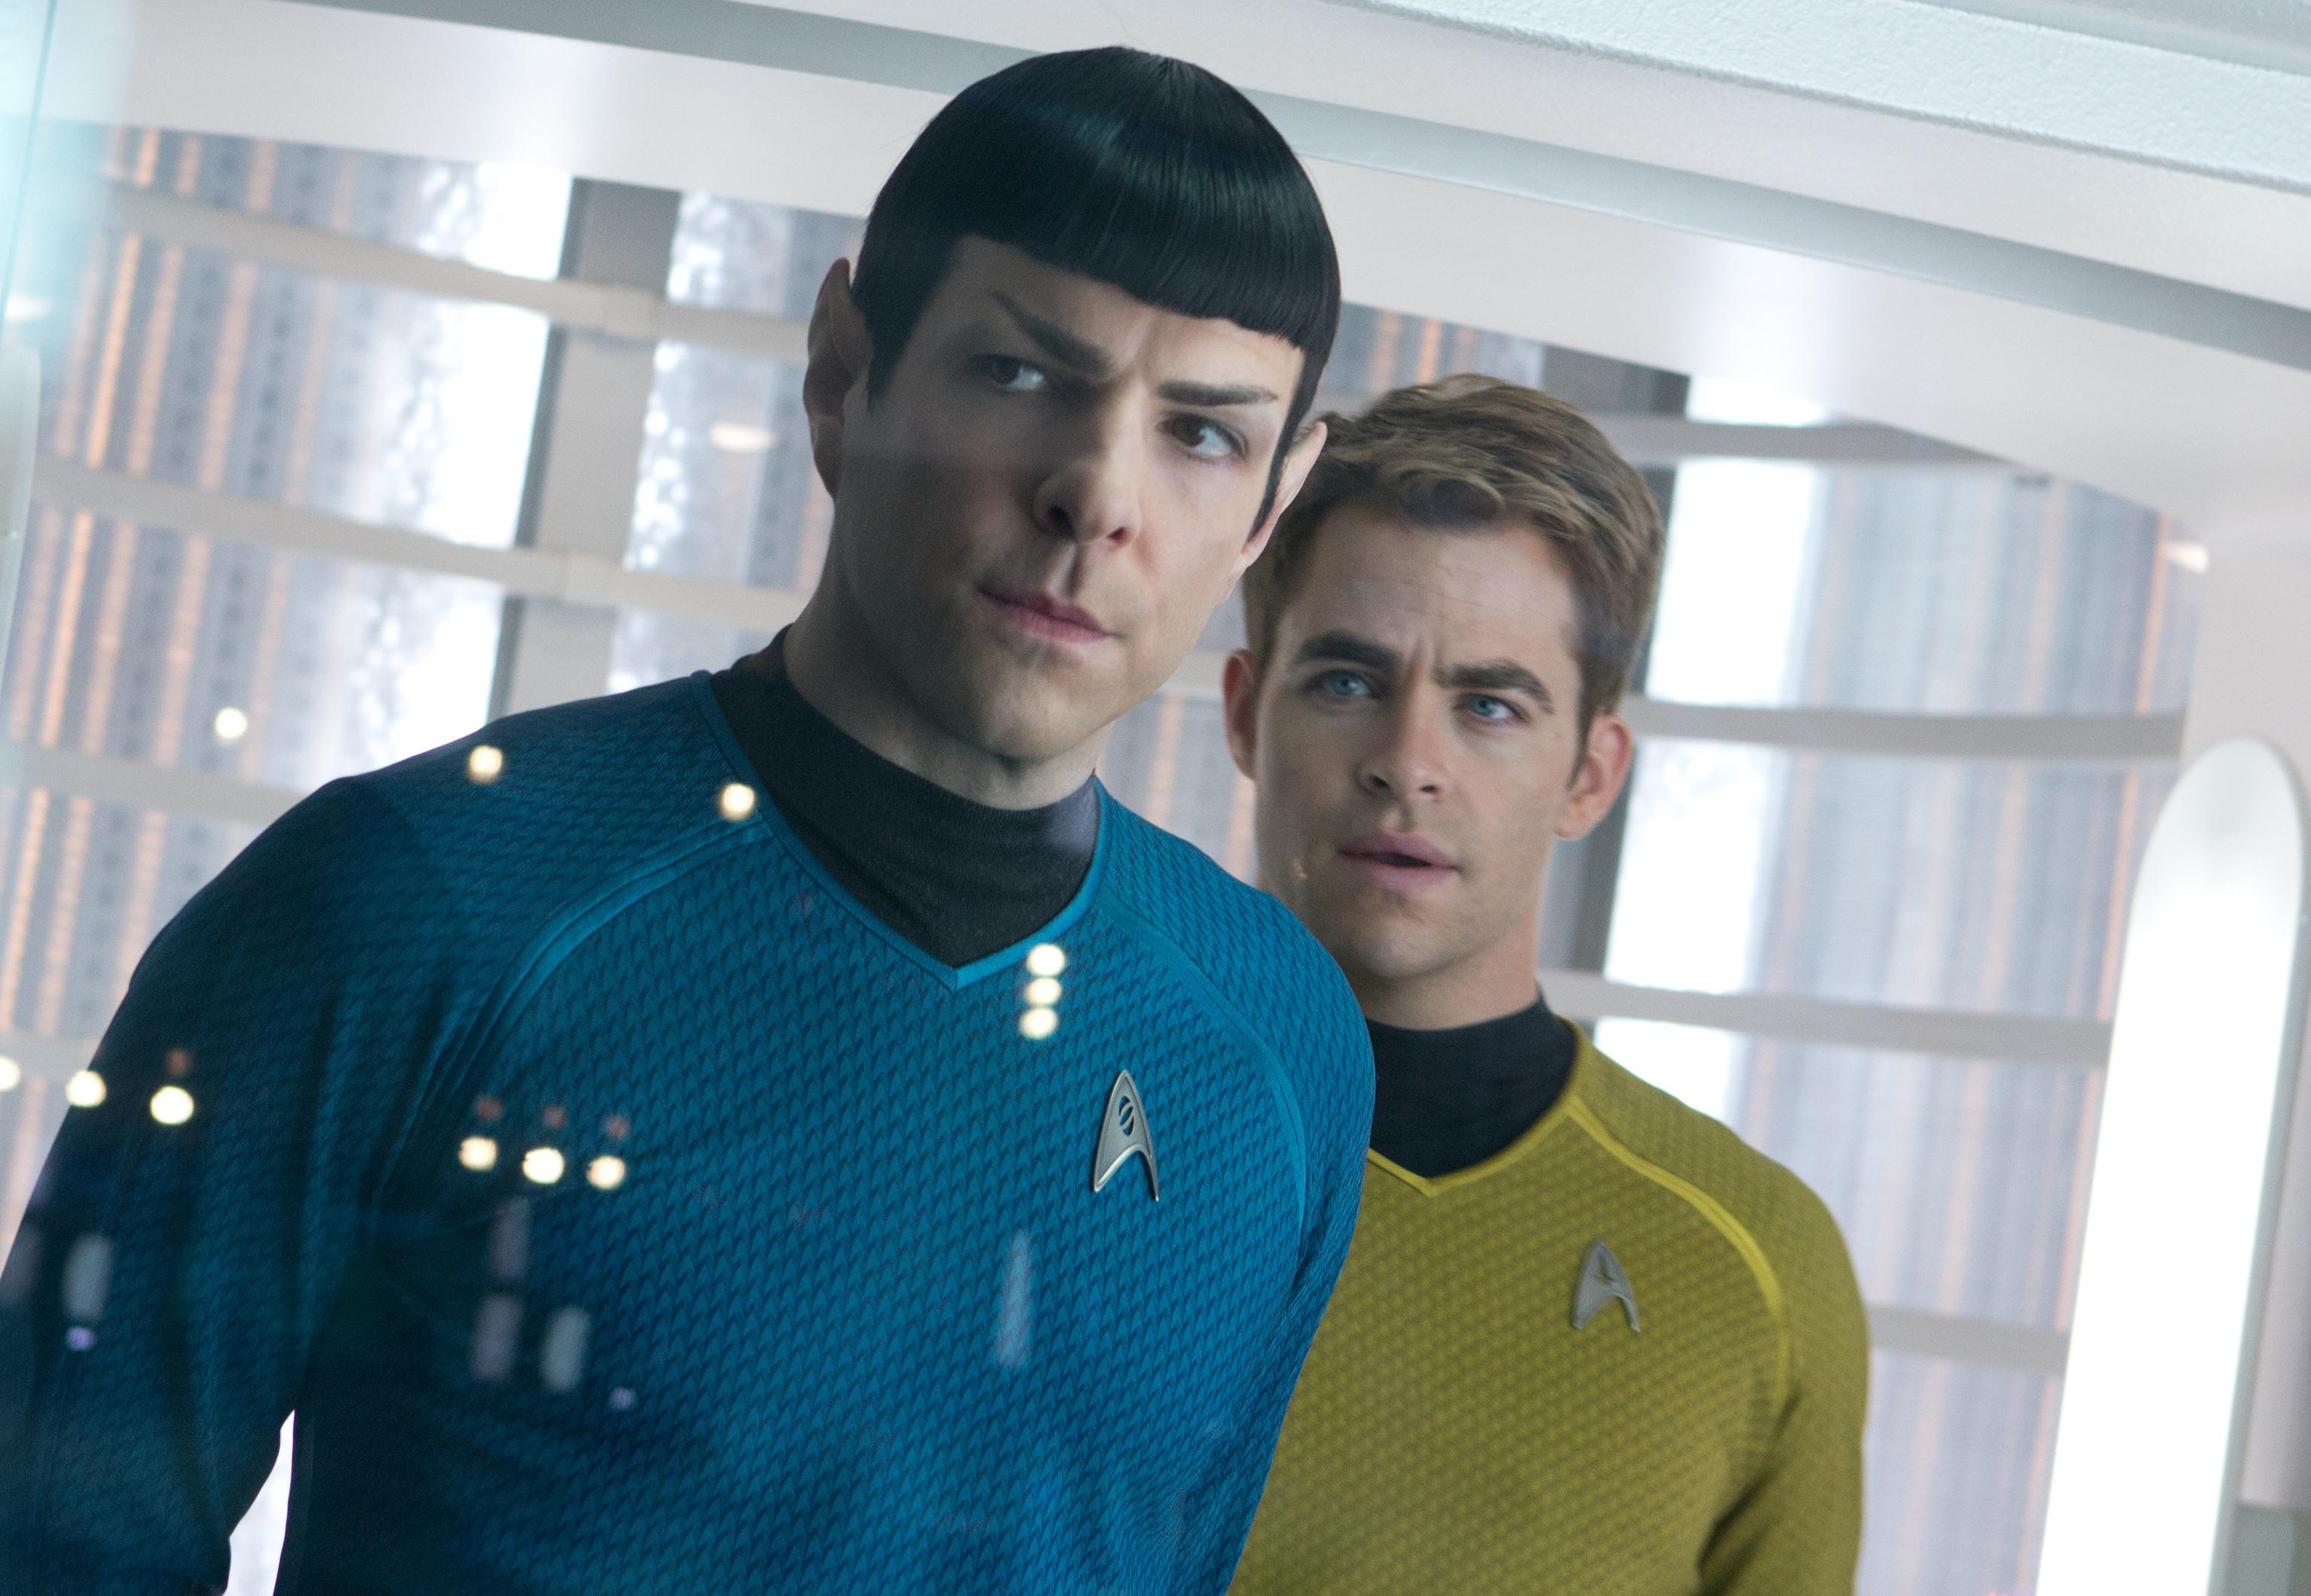 Zachary Quinto confirma filmagem do novo Star Trek para breve